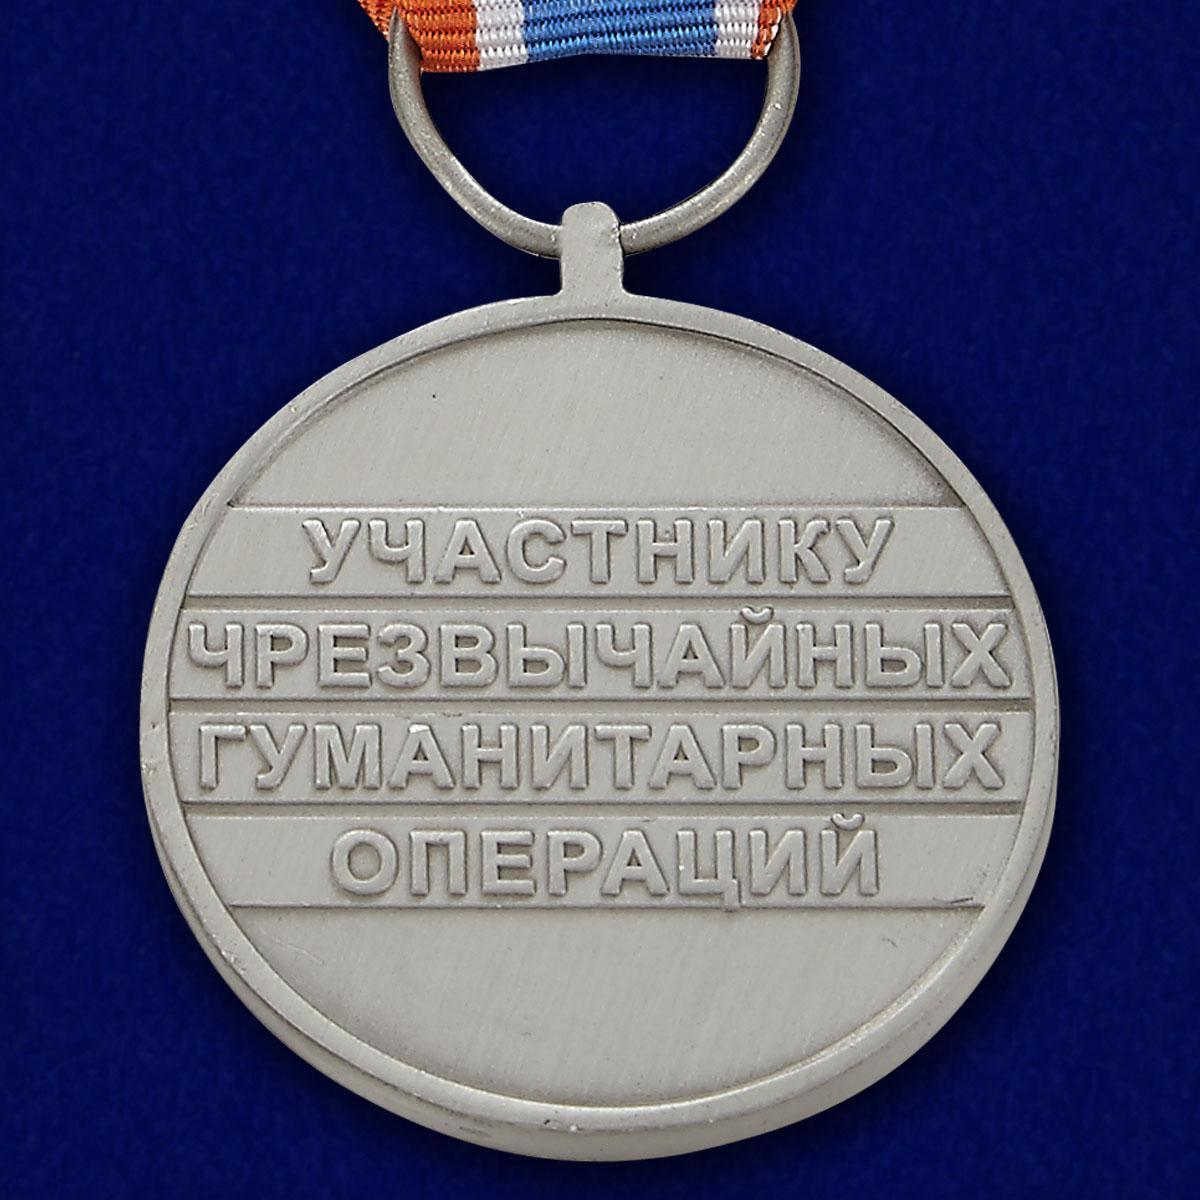 """Медаль МЧС """"Участнику чрезвычайных гуманитарных операций"""" - купить онлайн"""